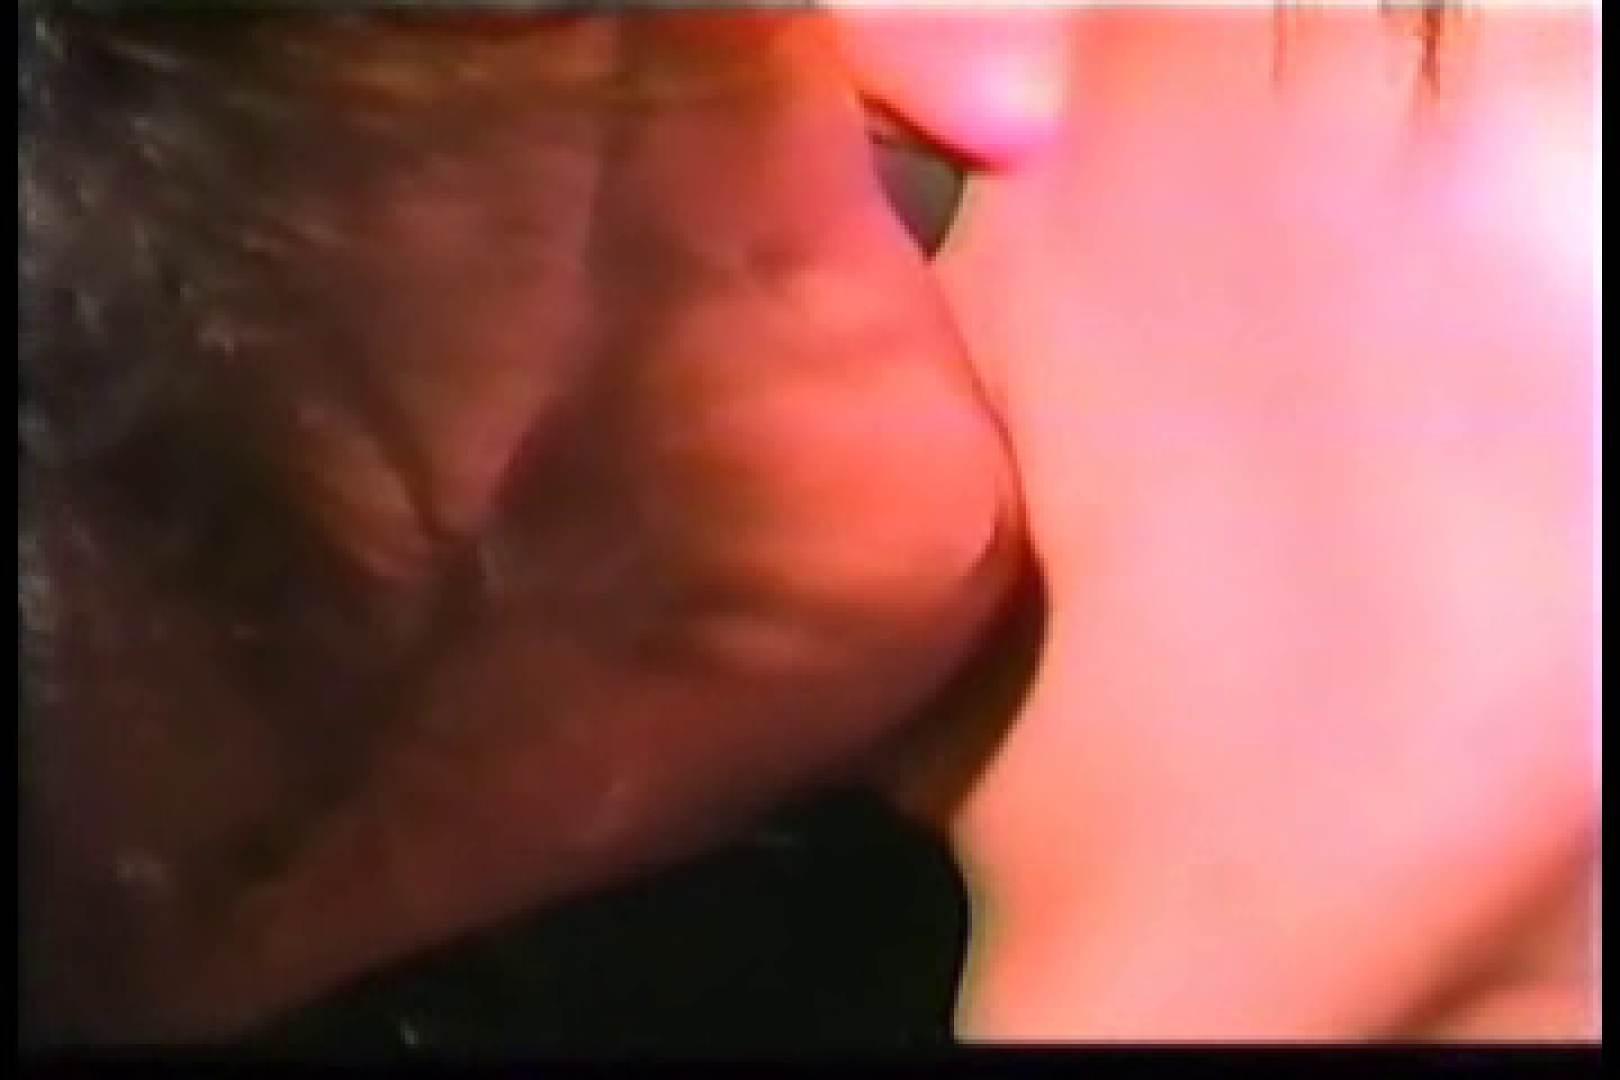 【投稿作品】秘蔵流出ビデオ!!甘い追憶 生挿入 ペニス画像 97枚 46